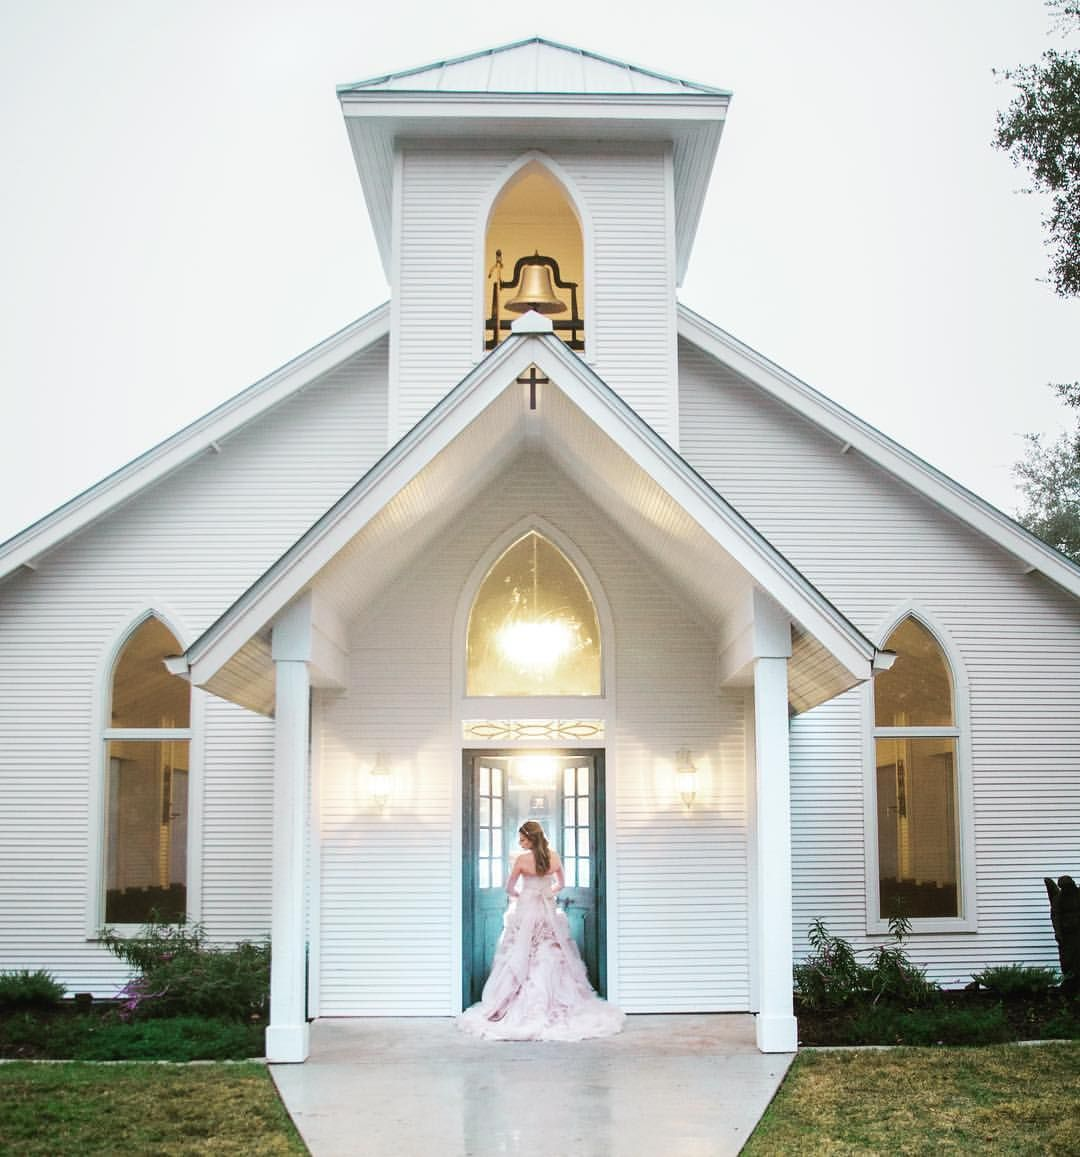 New Braunfels, TX wedding venue Open air chapel, Venues